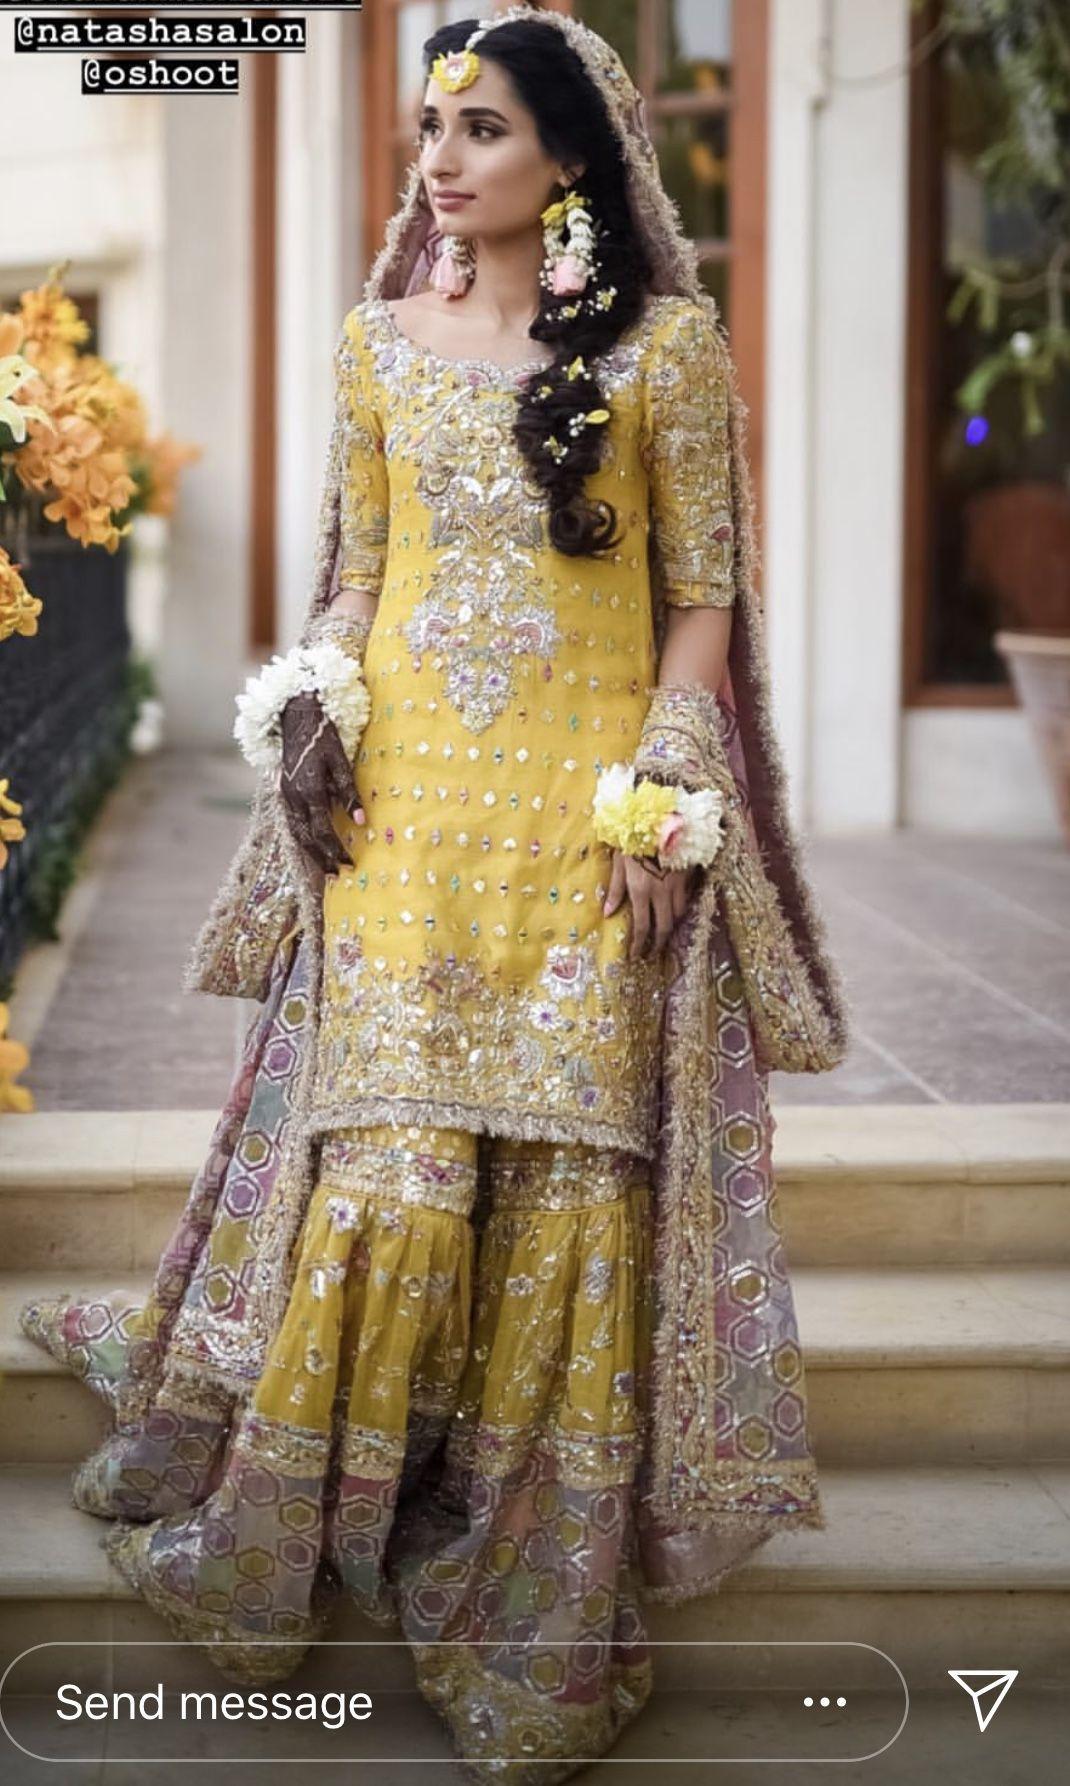 Gute absolut freie Mayun Braut Hochzeit Deena Rehman Stil schöne Hochzeit Dre …